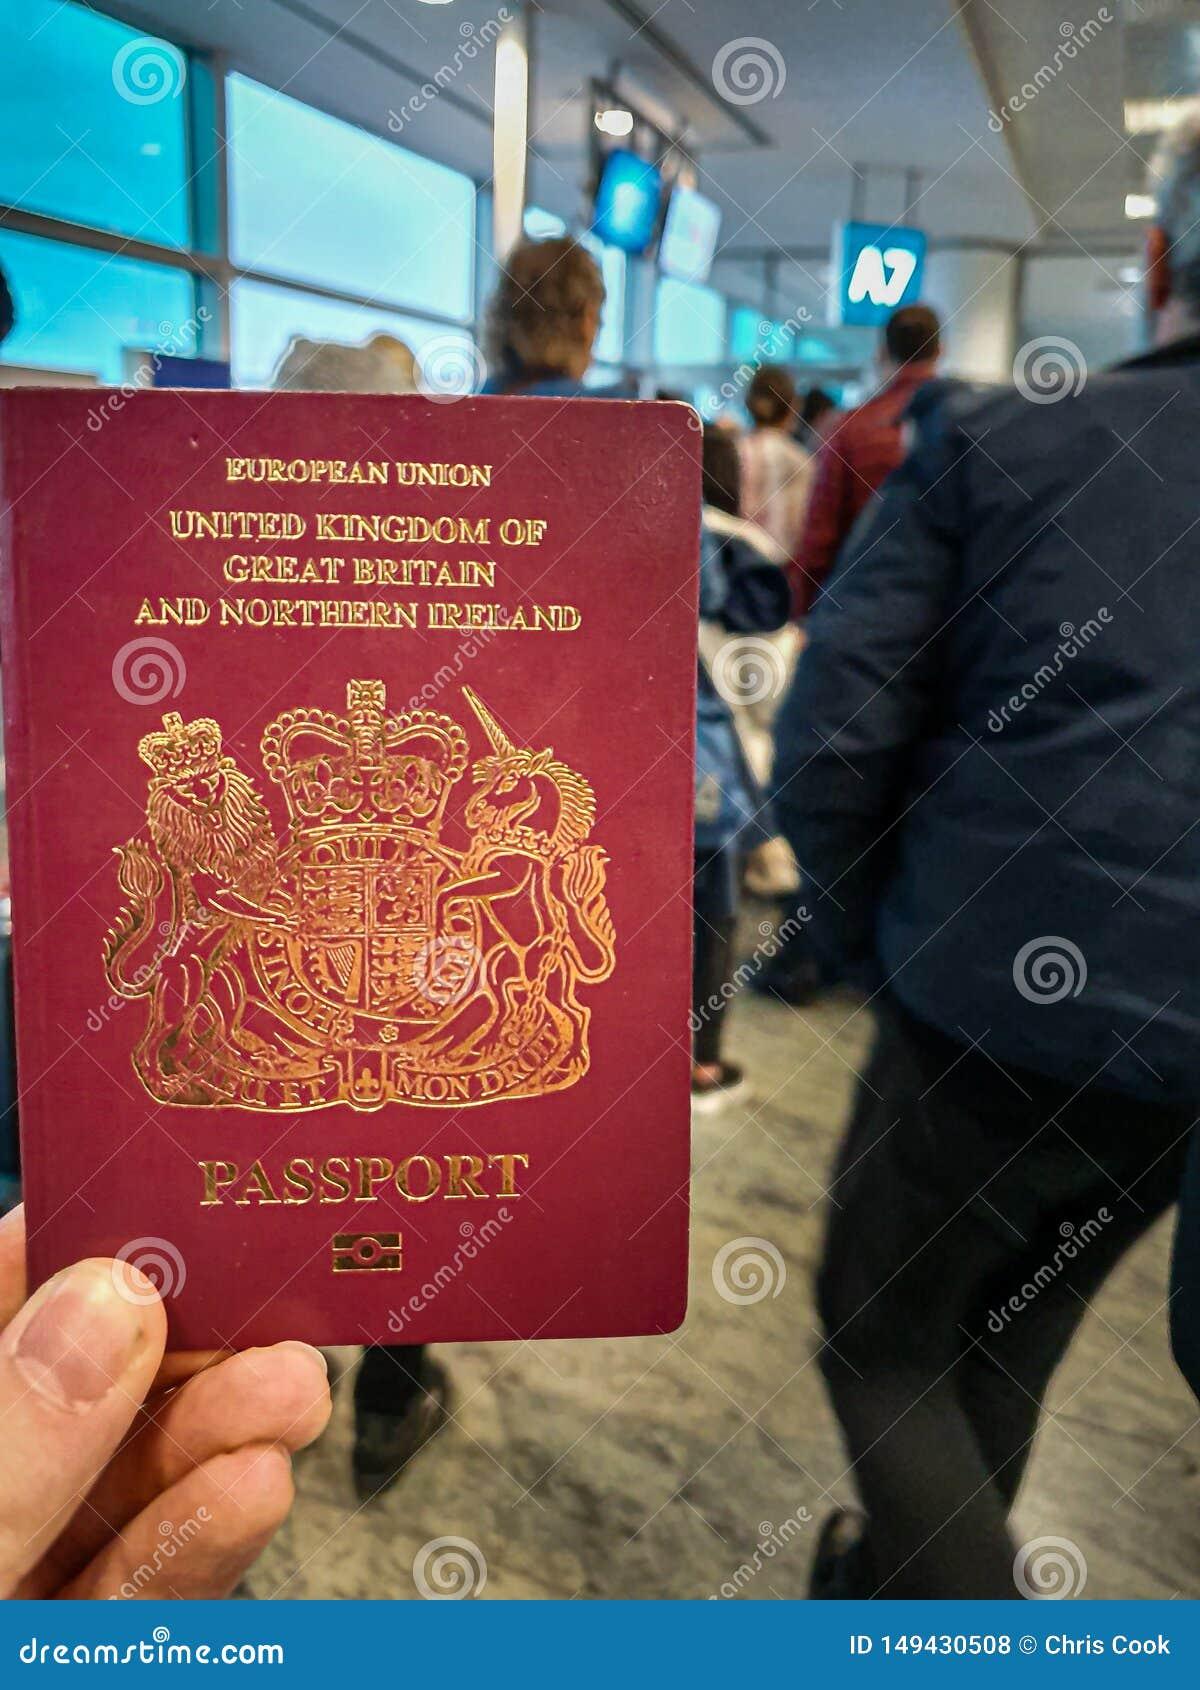 Un var?n blanco sostiene su pasaporte brit?nico rojo en su mano en el medio de un terminal apretado de la salida